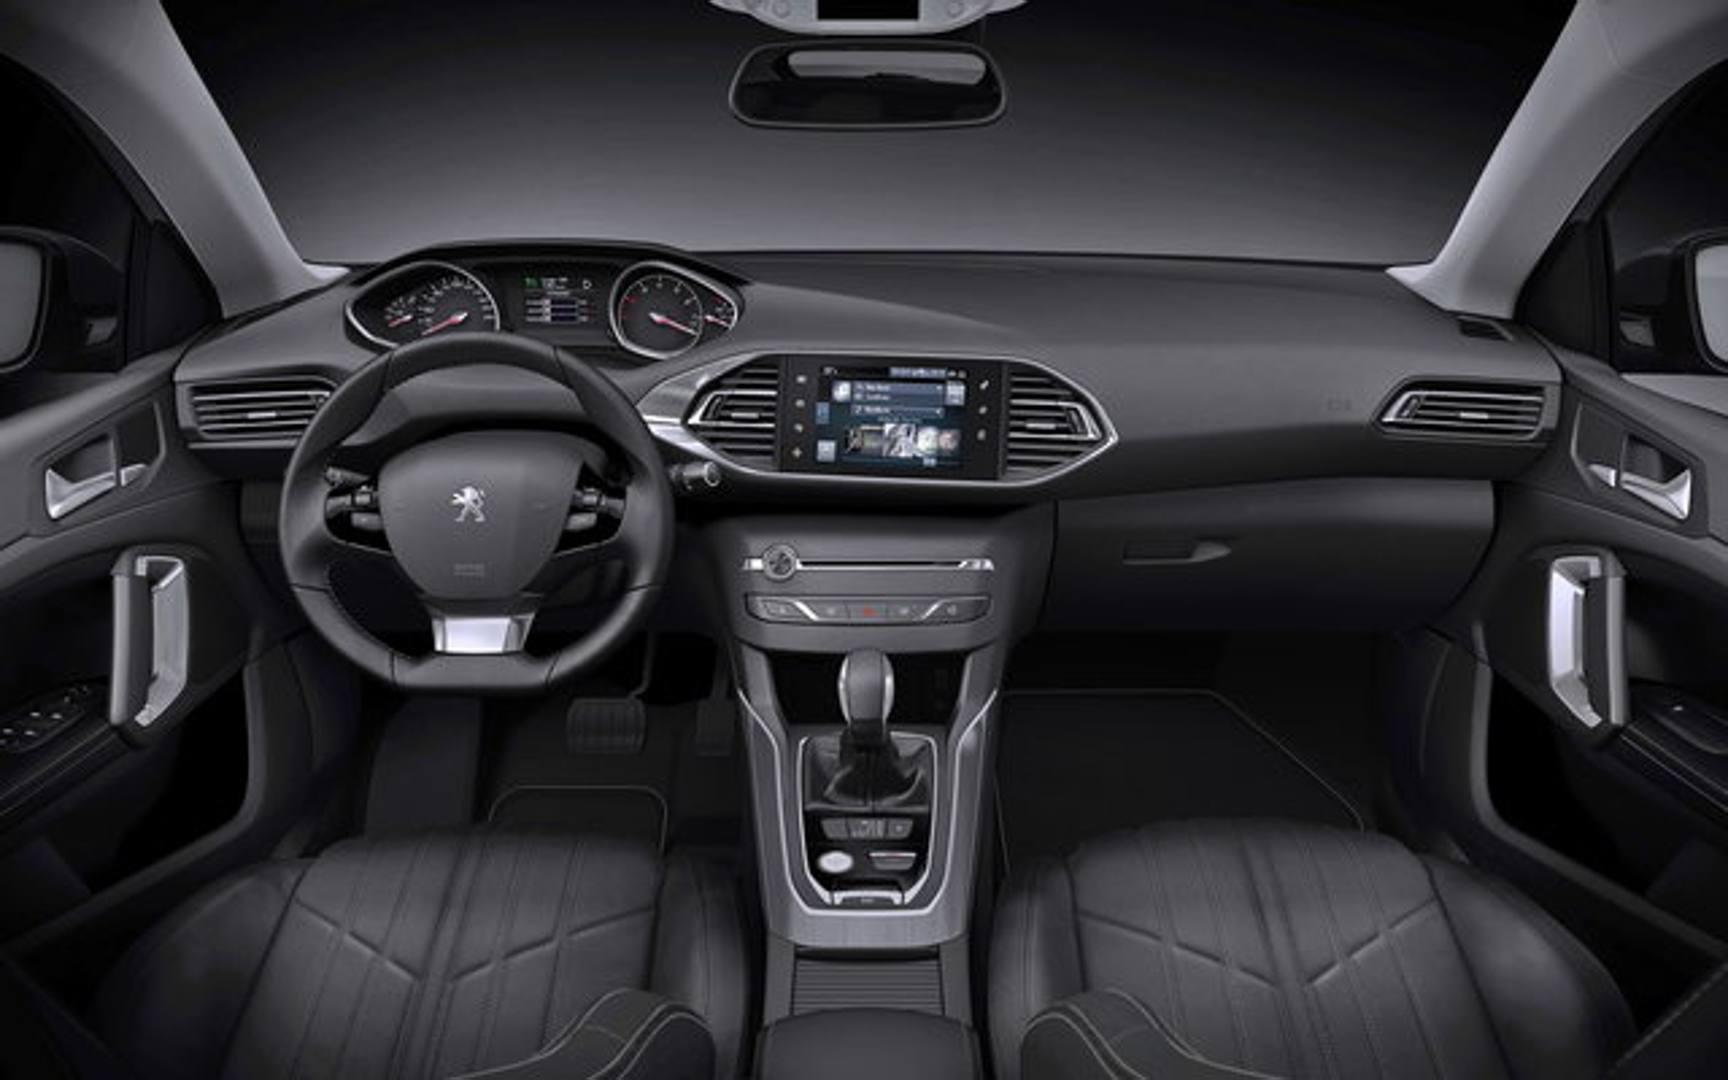 Peugeot 308 Sw Cresce La Famiglia La Gazzetta Dello Sport